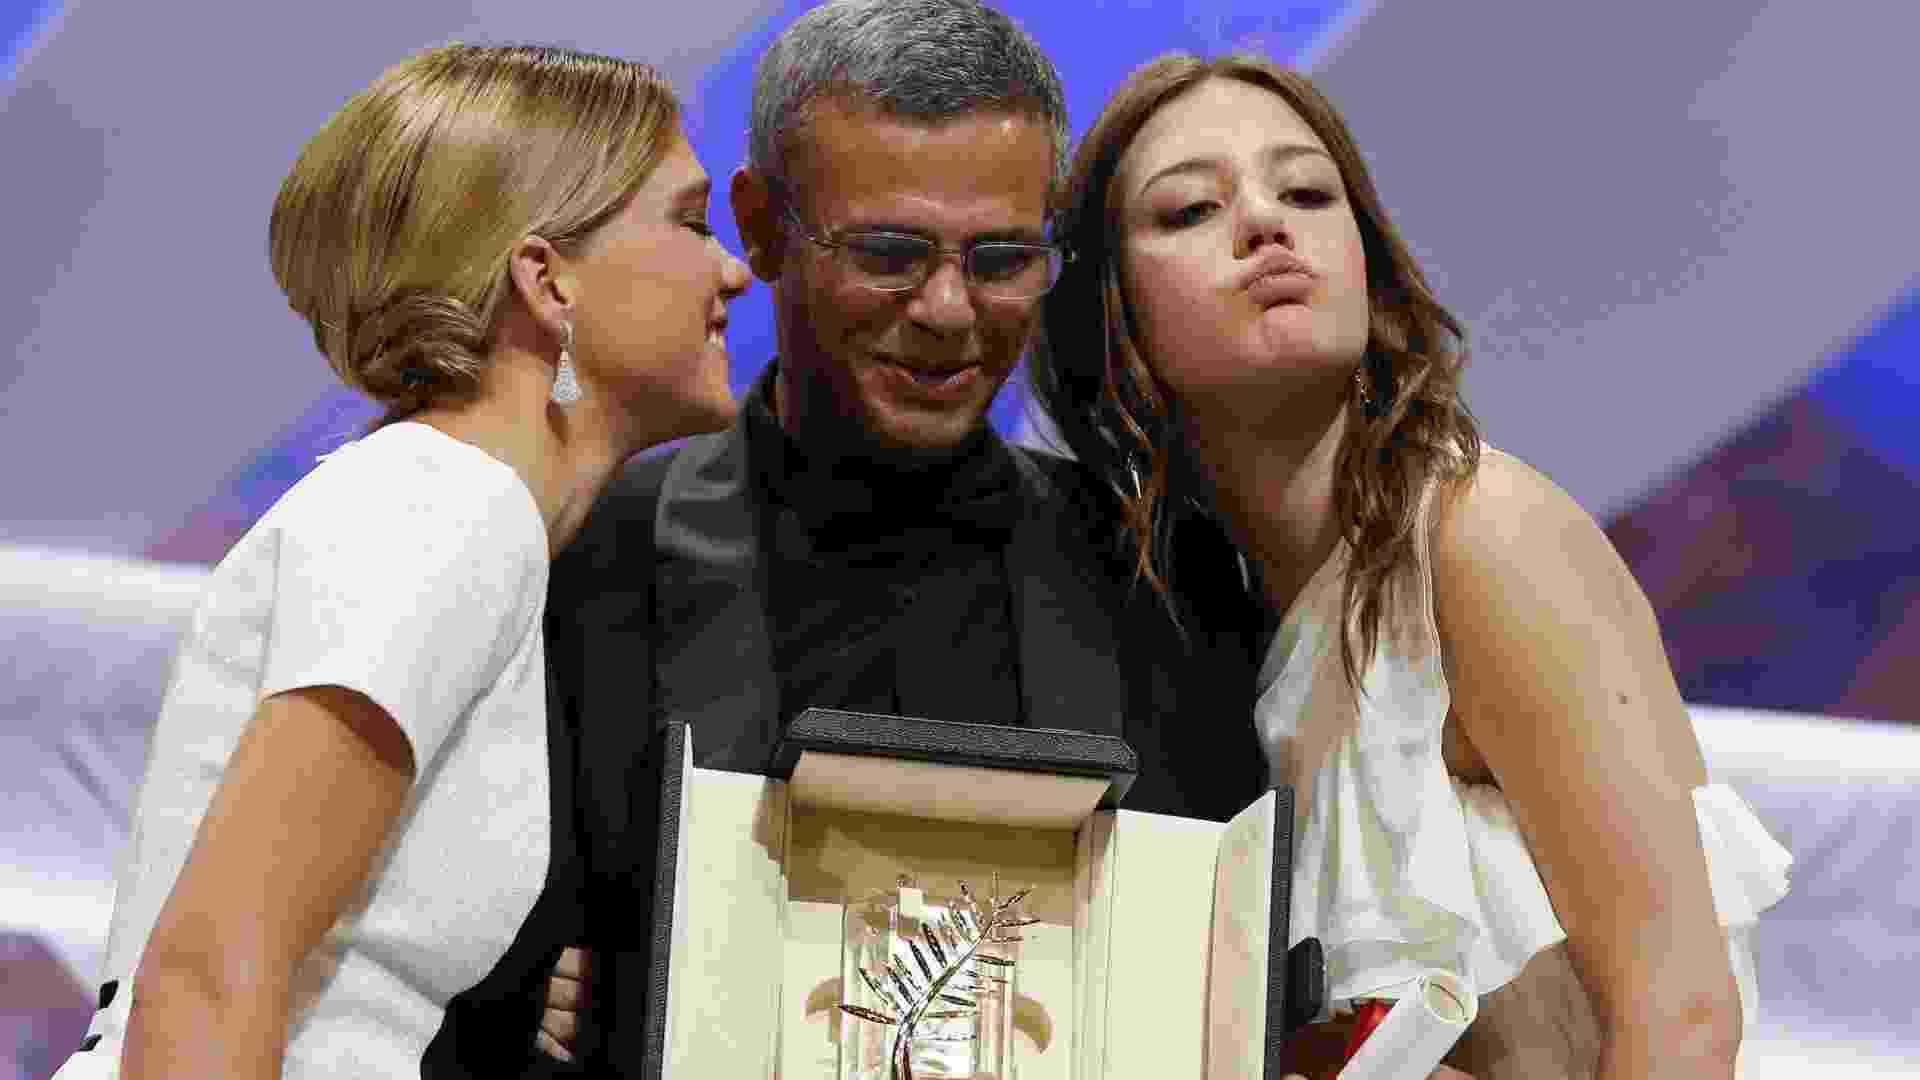 """26.mai.2013 - As atrizes francesas Lea Seydoux (à esq) e Adele Exarchopoulos abraçam o diretor franco-tunísio Abdellatif Kechiche enquanto ele recebe a Palma de Ouro pelo filme """"La Vie d'Adele"""", durante o encerramento do Festival de Cannes - Valery Hache/AFP"""